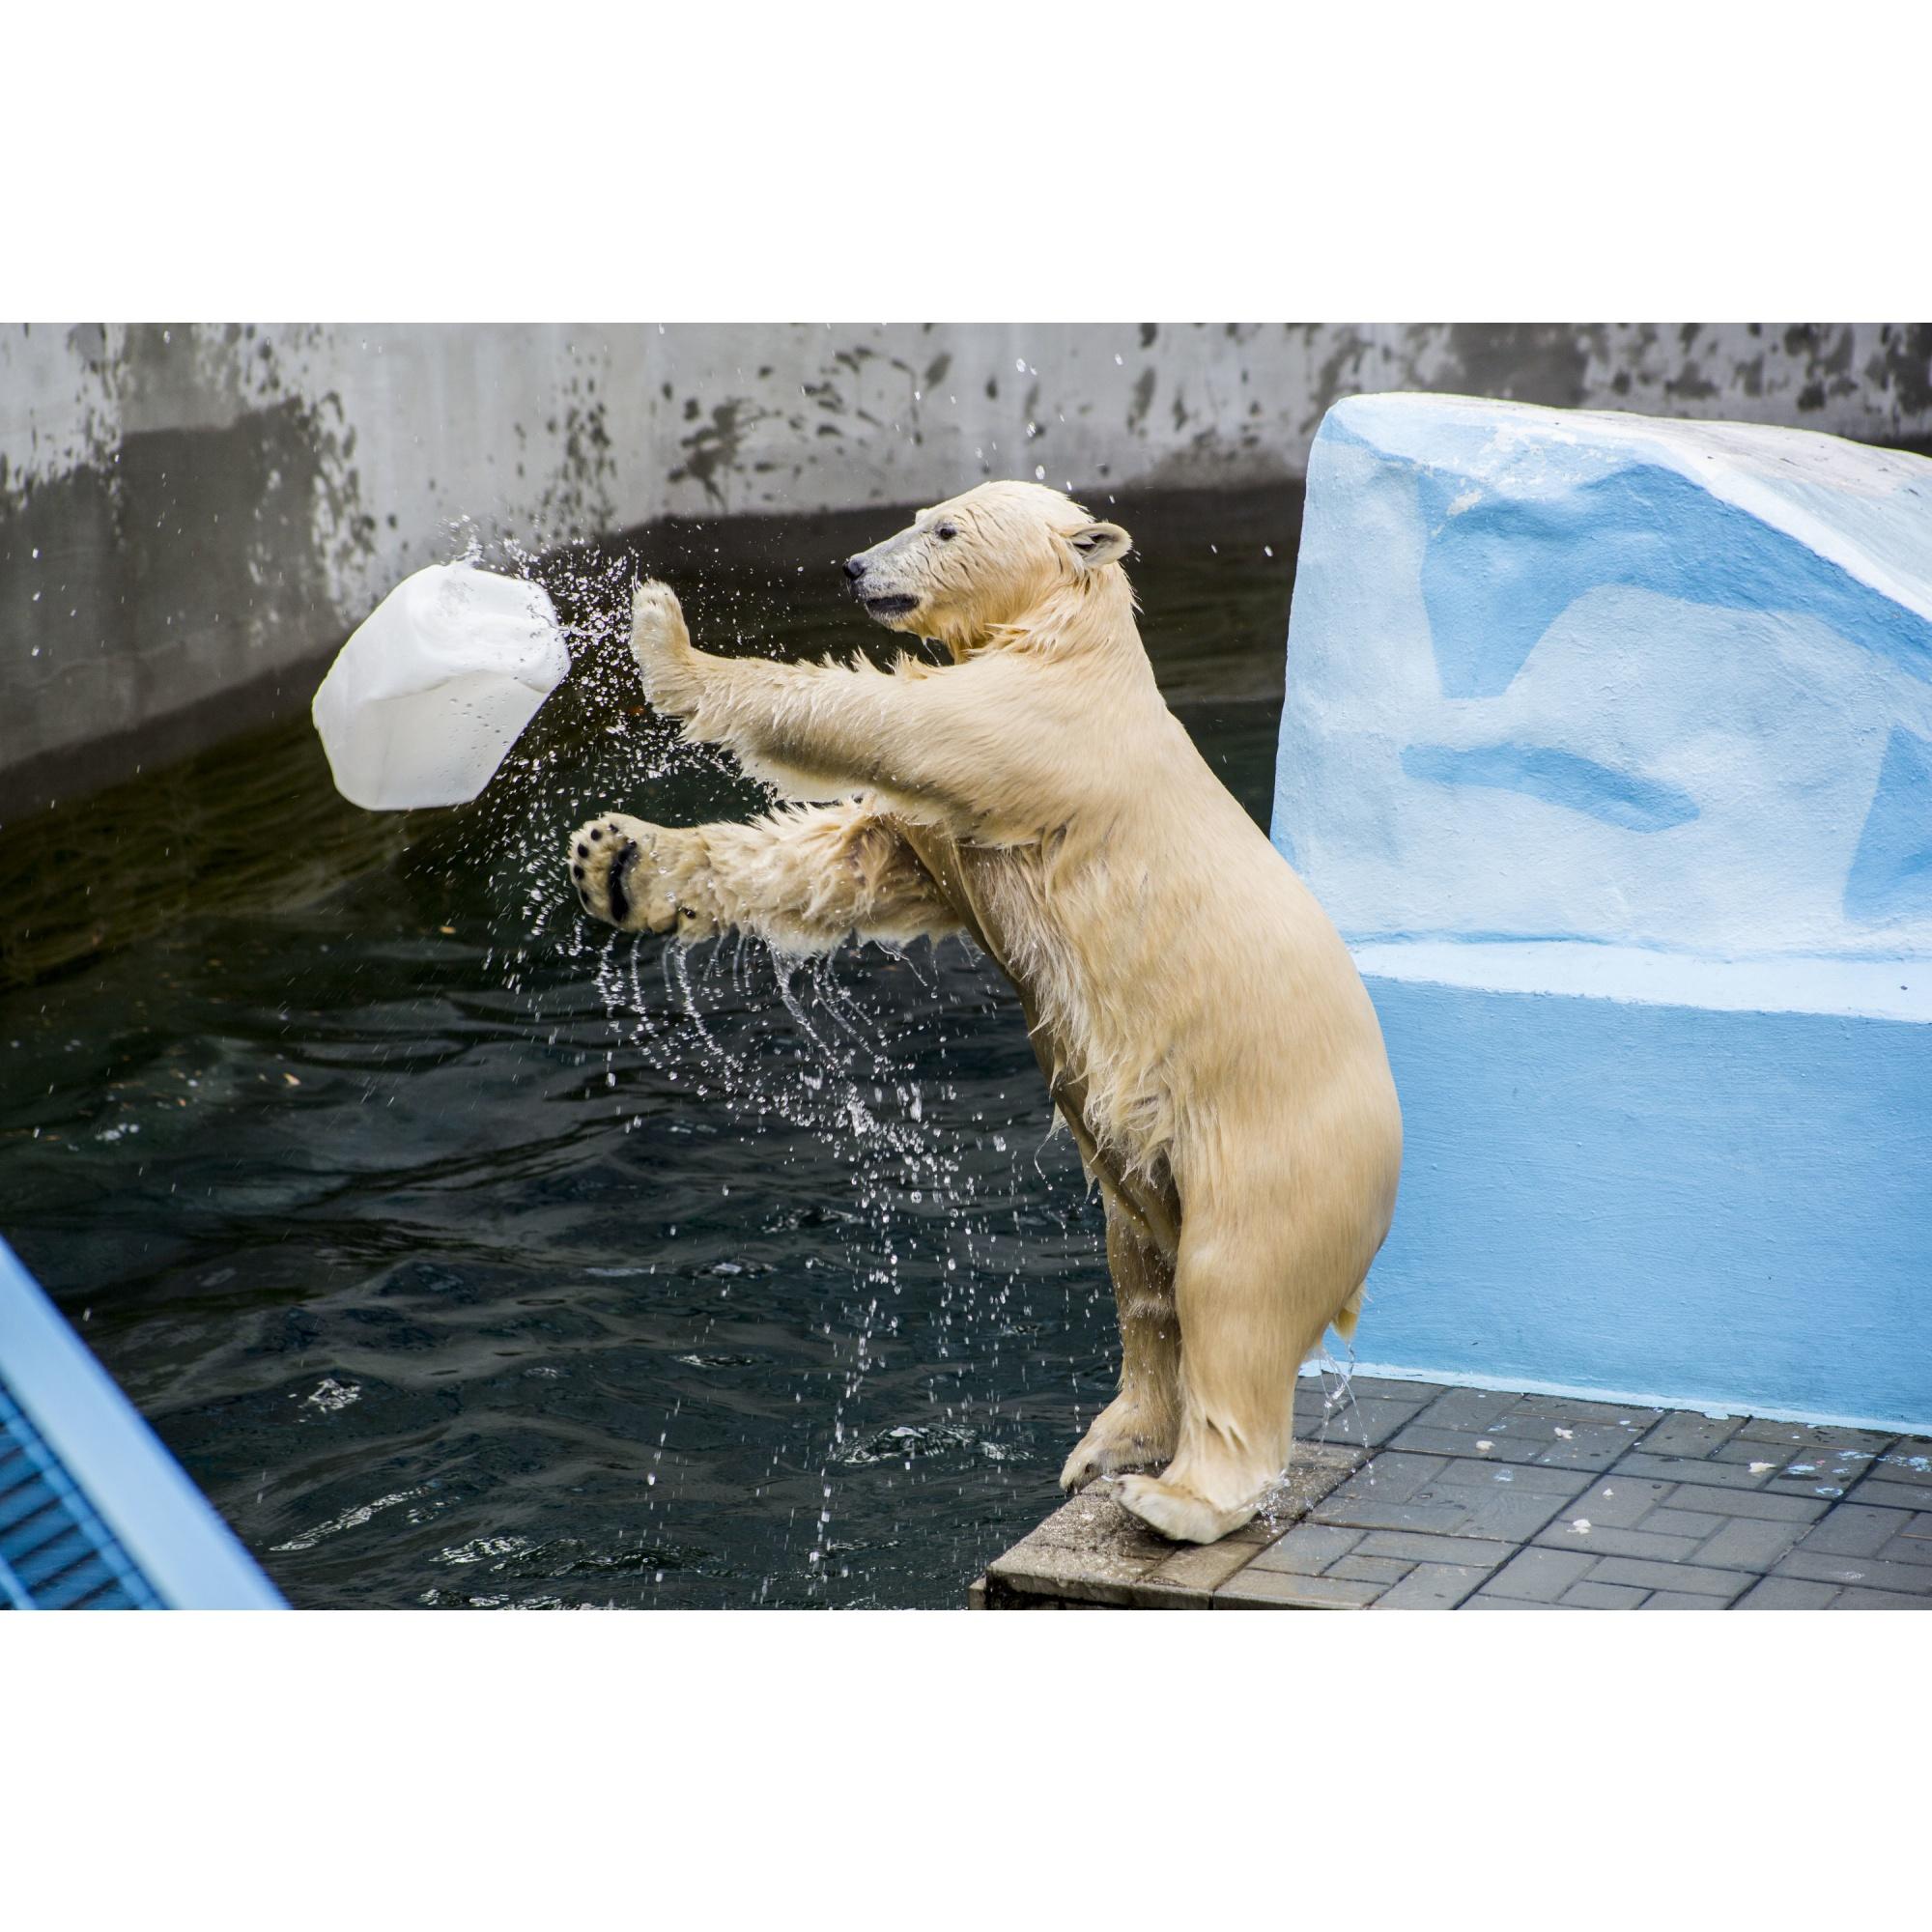 А здесь уже начинается медвежий водный волейбол